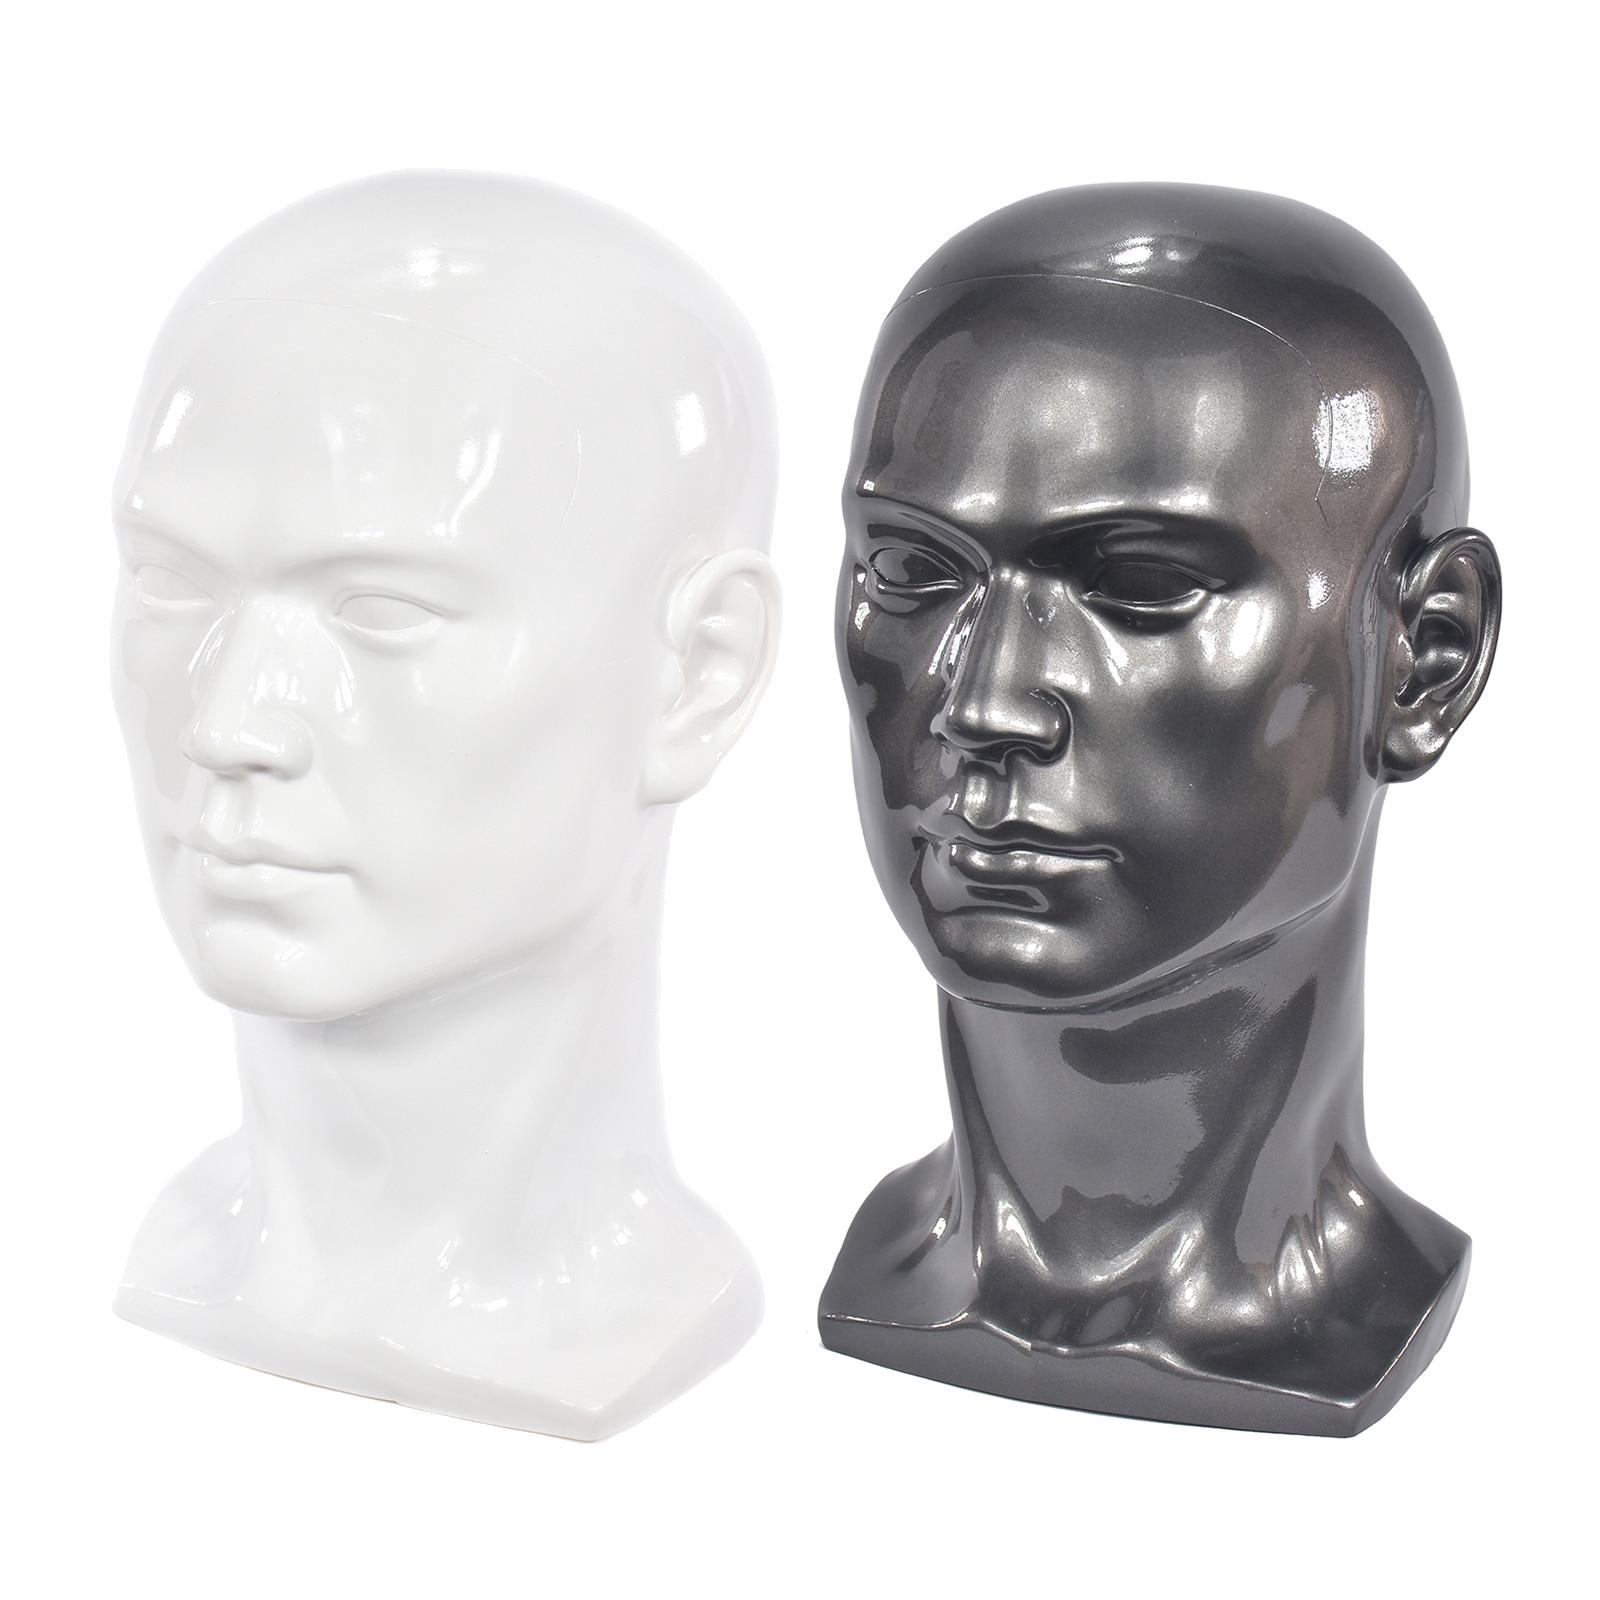 Манекен голова манекена парик Манекен для шляпы солнцезащитные очки гарнитура стенд манекен голова